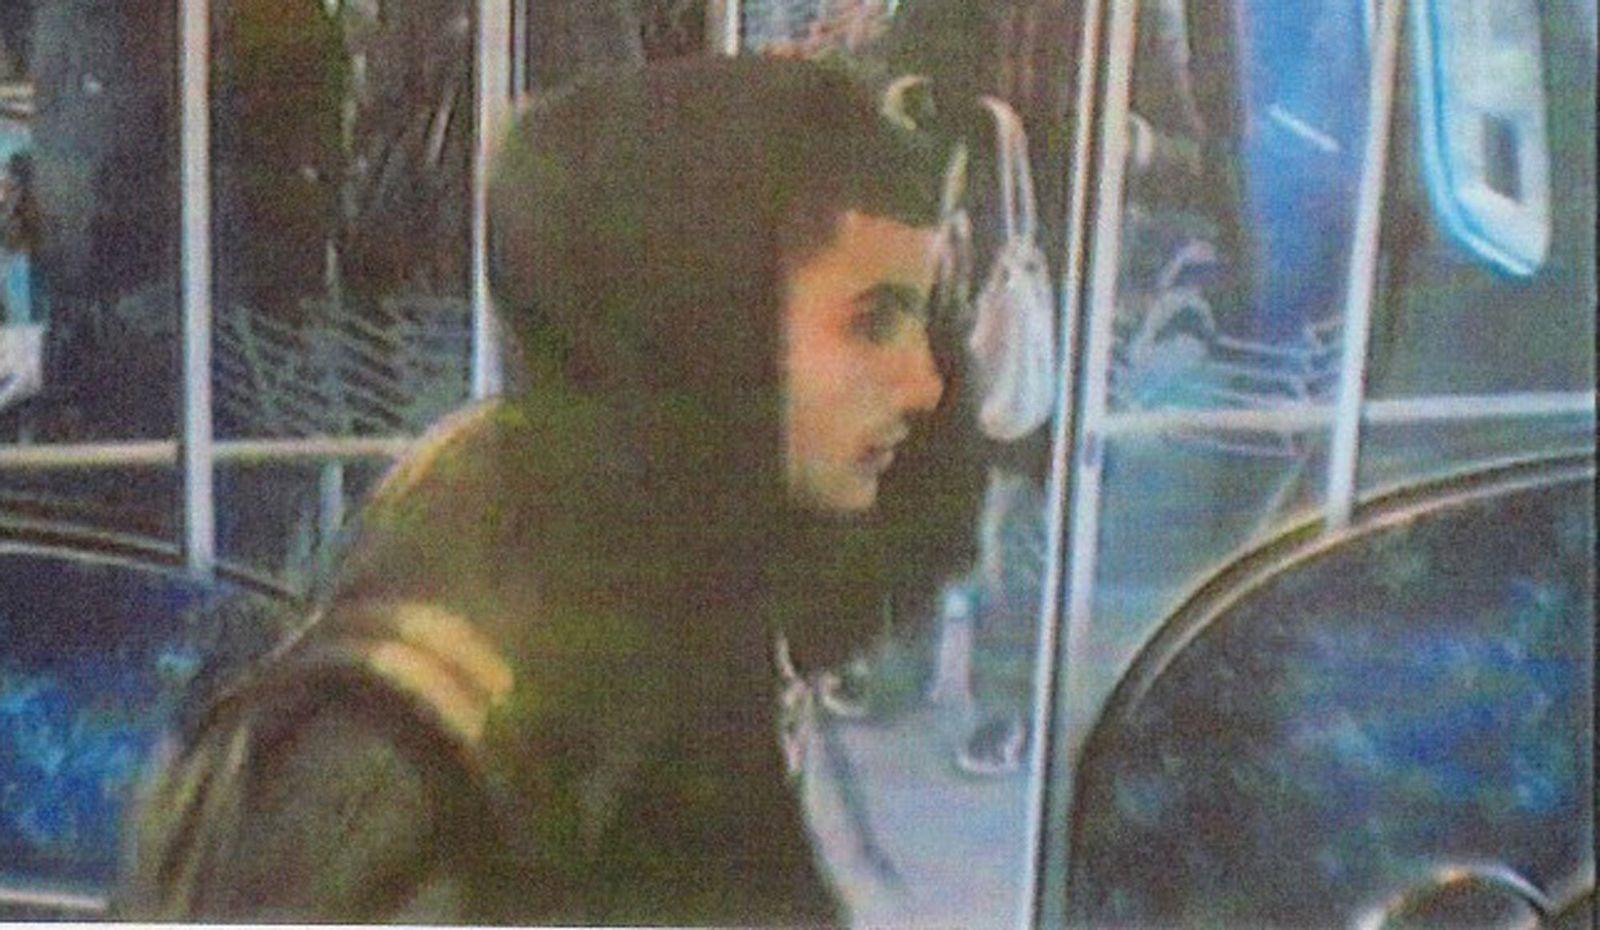 Abdel Hamid El-Hussein/ Kopenhagen-Attentat